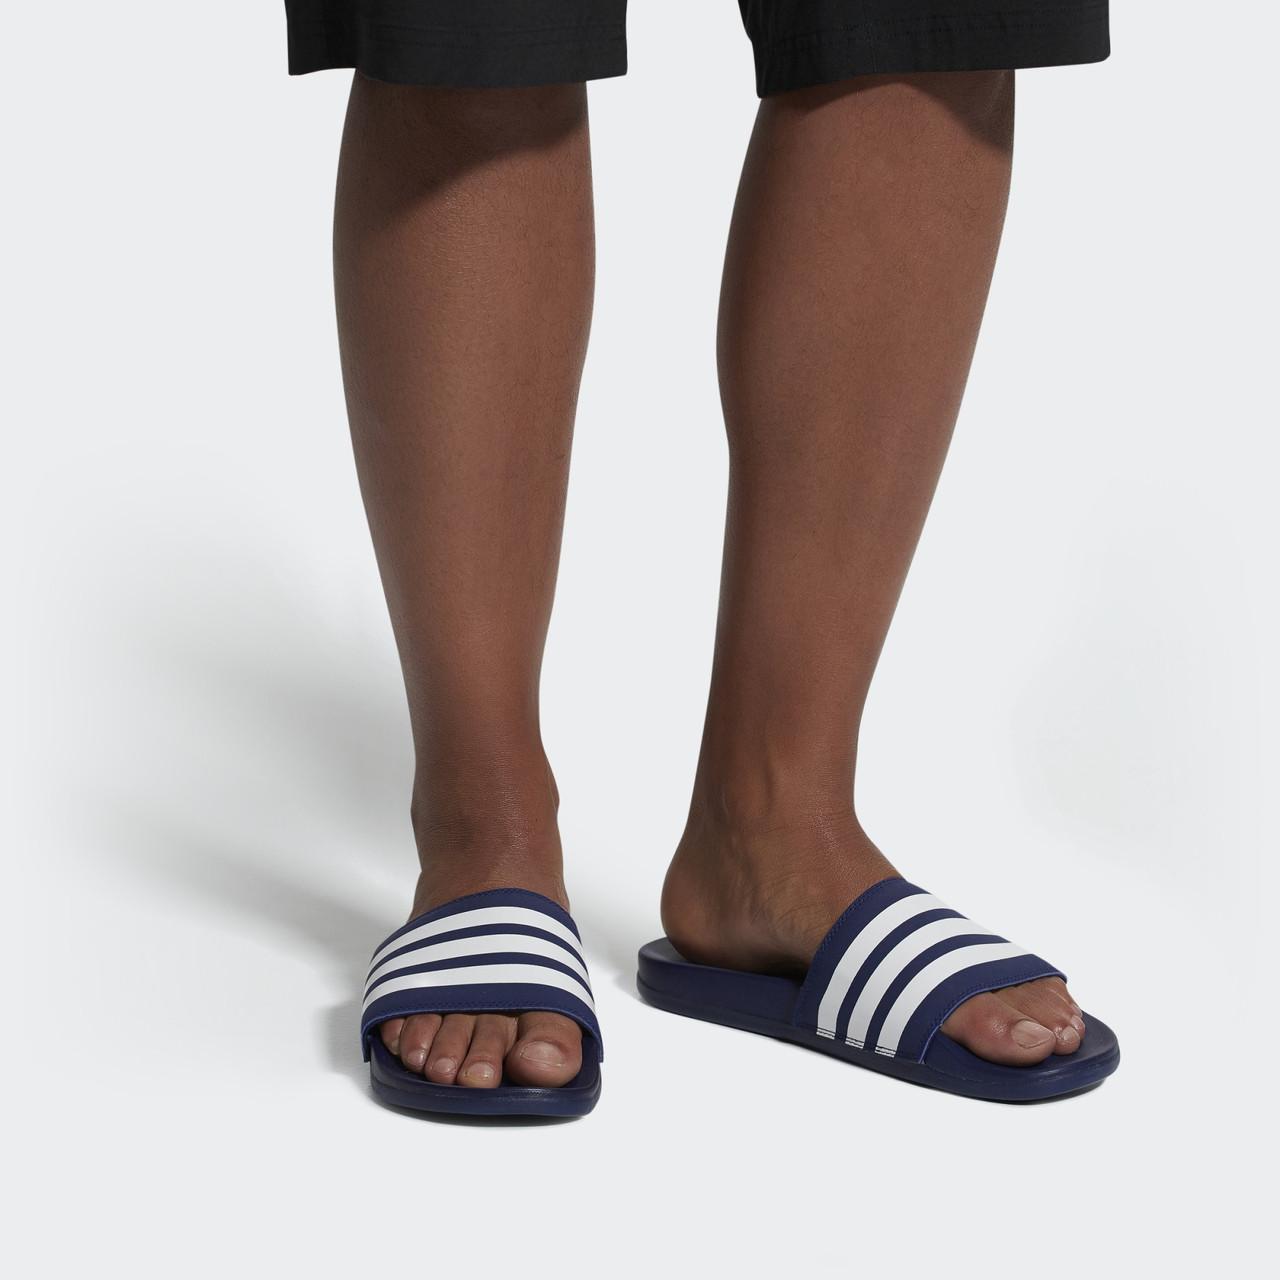 Мужские Шлепанцы Adidas adilette Cloudfoam Plus Stripes B42114 46 размер